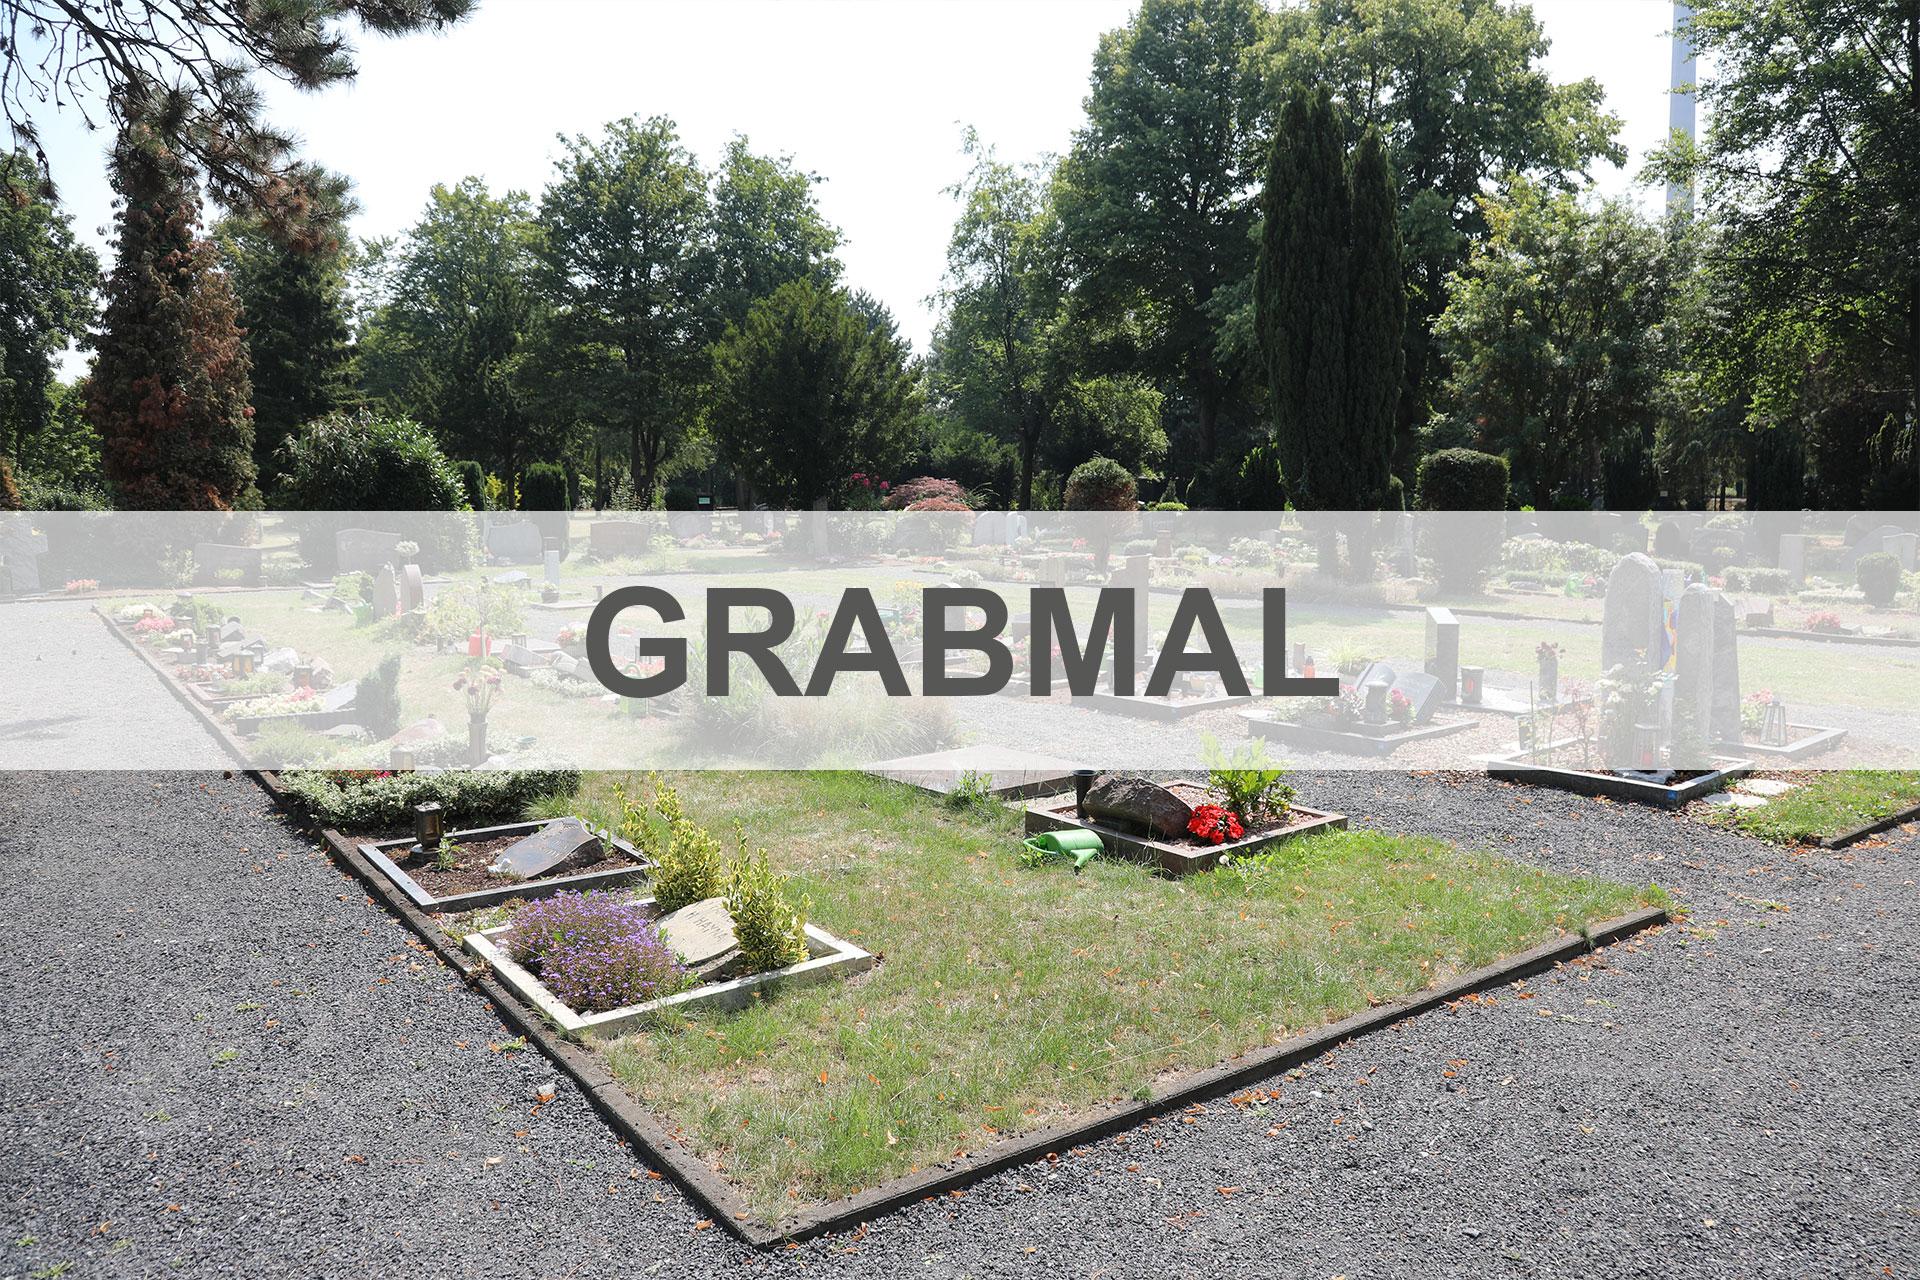 Natursteine Schmid: Ihre Steinmanufaktur für Naturstein, Keramik und Quarzwerkstoff im Großformat